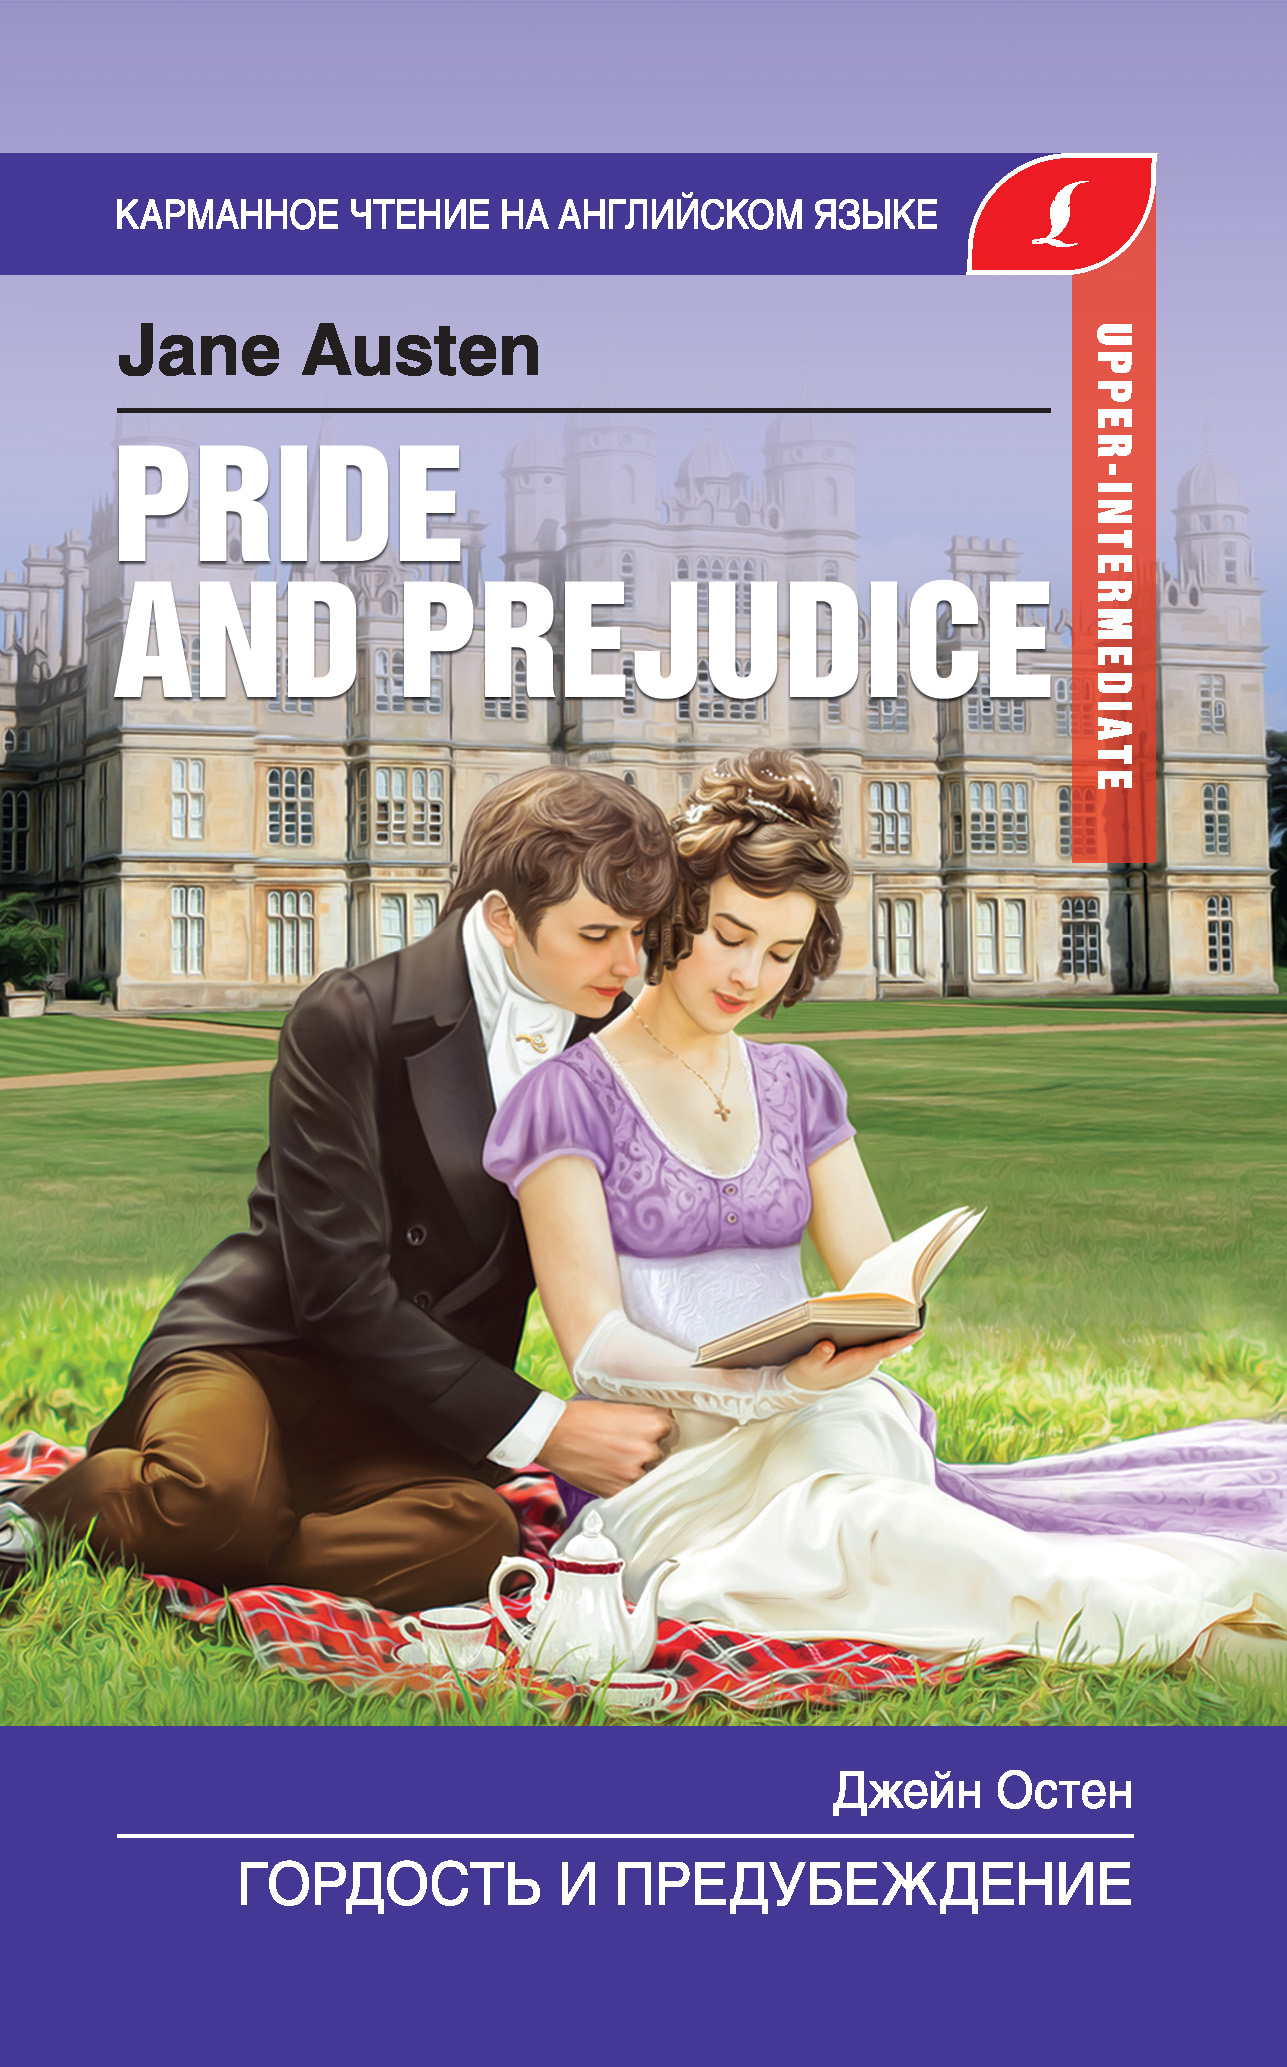 Джейн Остин Гордость и предубеждение / Pride and Prejudice austen j austen pride and prejudice гордость и предубеждение